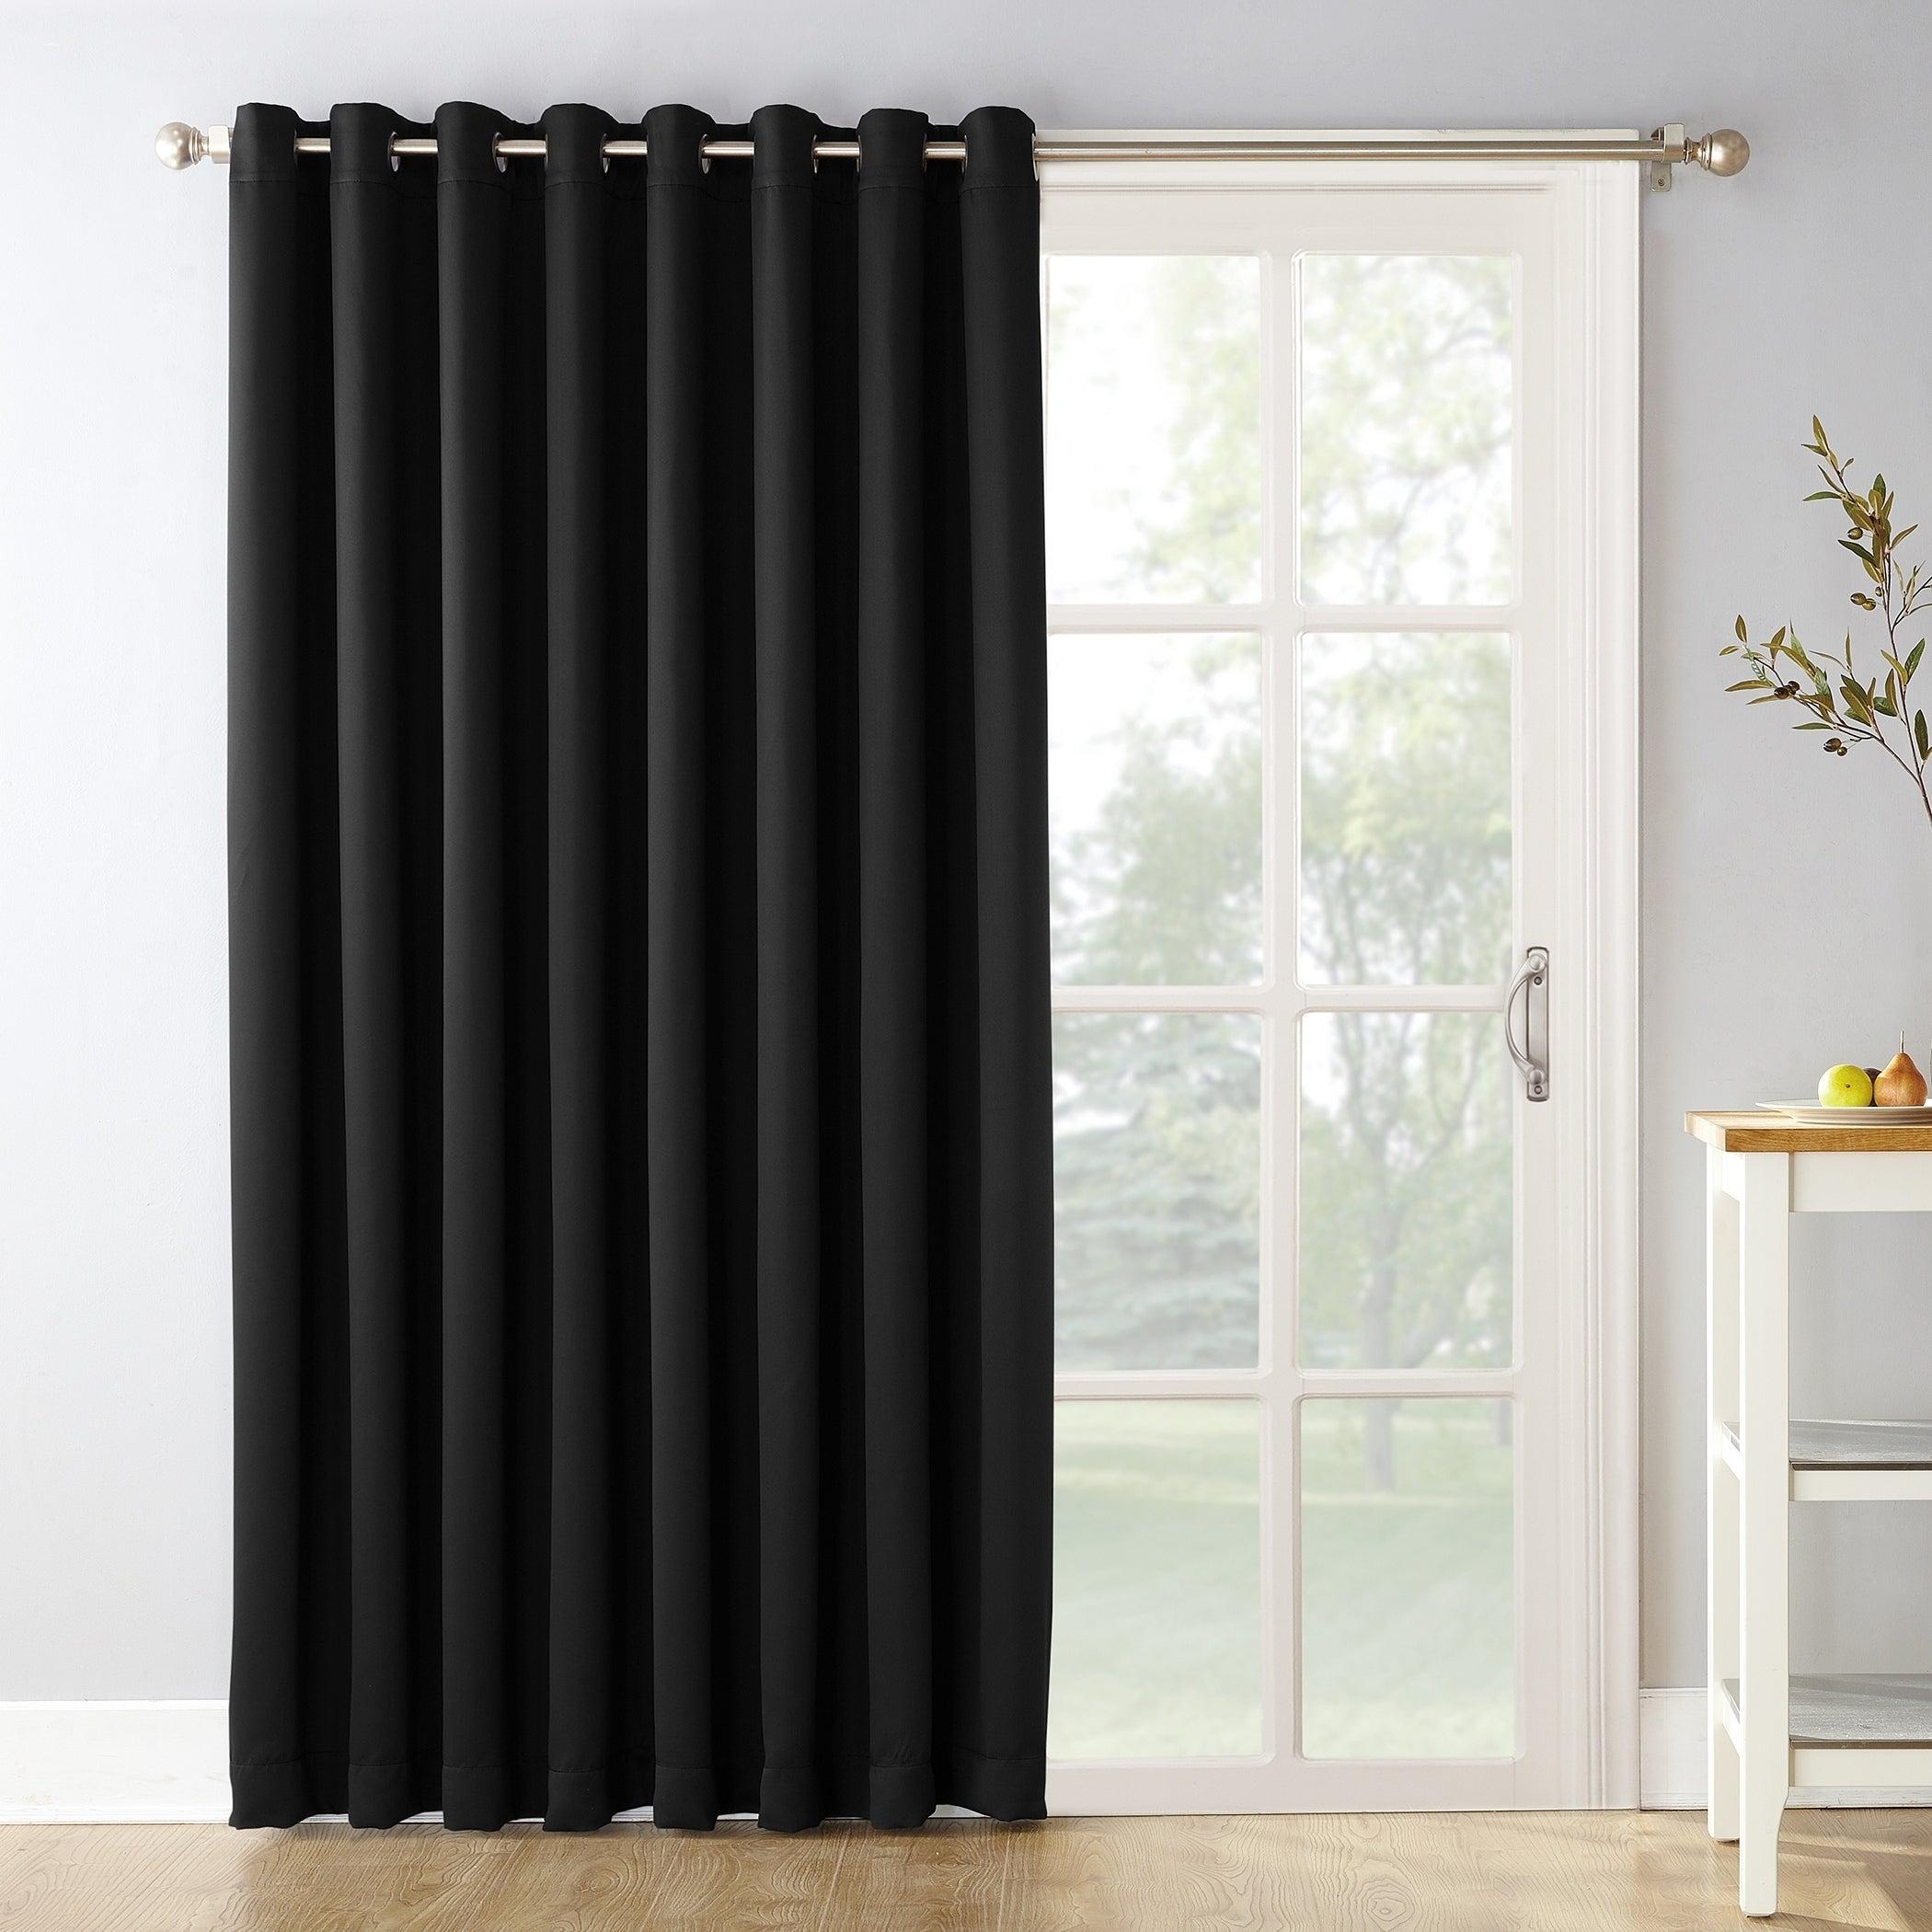 Details About Sun Zero Hayden Grommet Blackout Patio Door Window Curtain Intended For Hayden Grommet Blackout Single Curtain Panels (View 13 of 20)